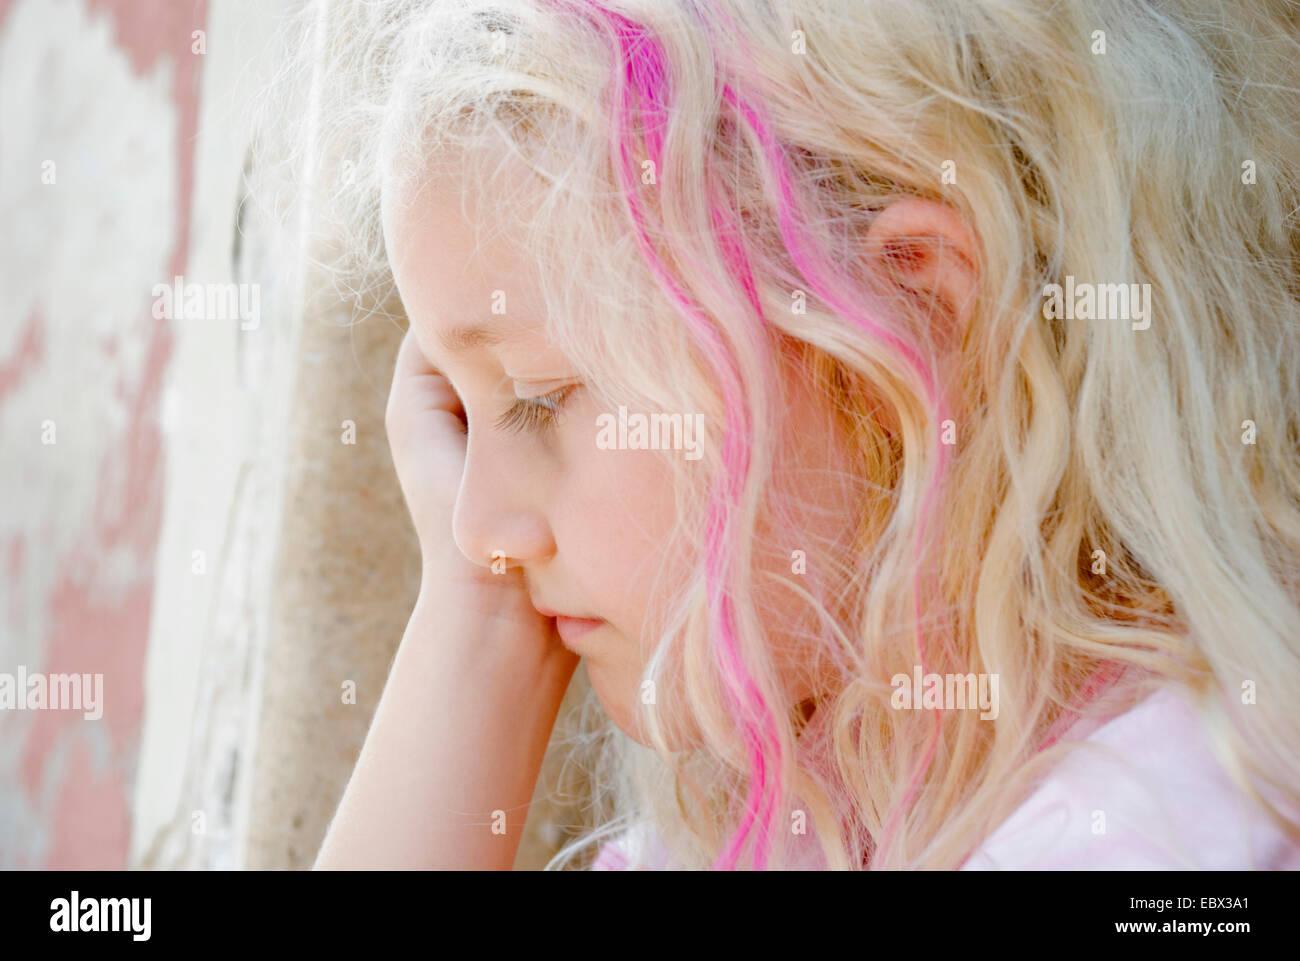 sad girl crouching at a wall - Stock Image